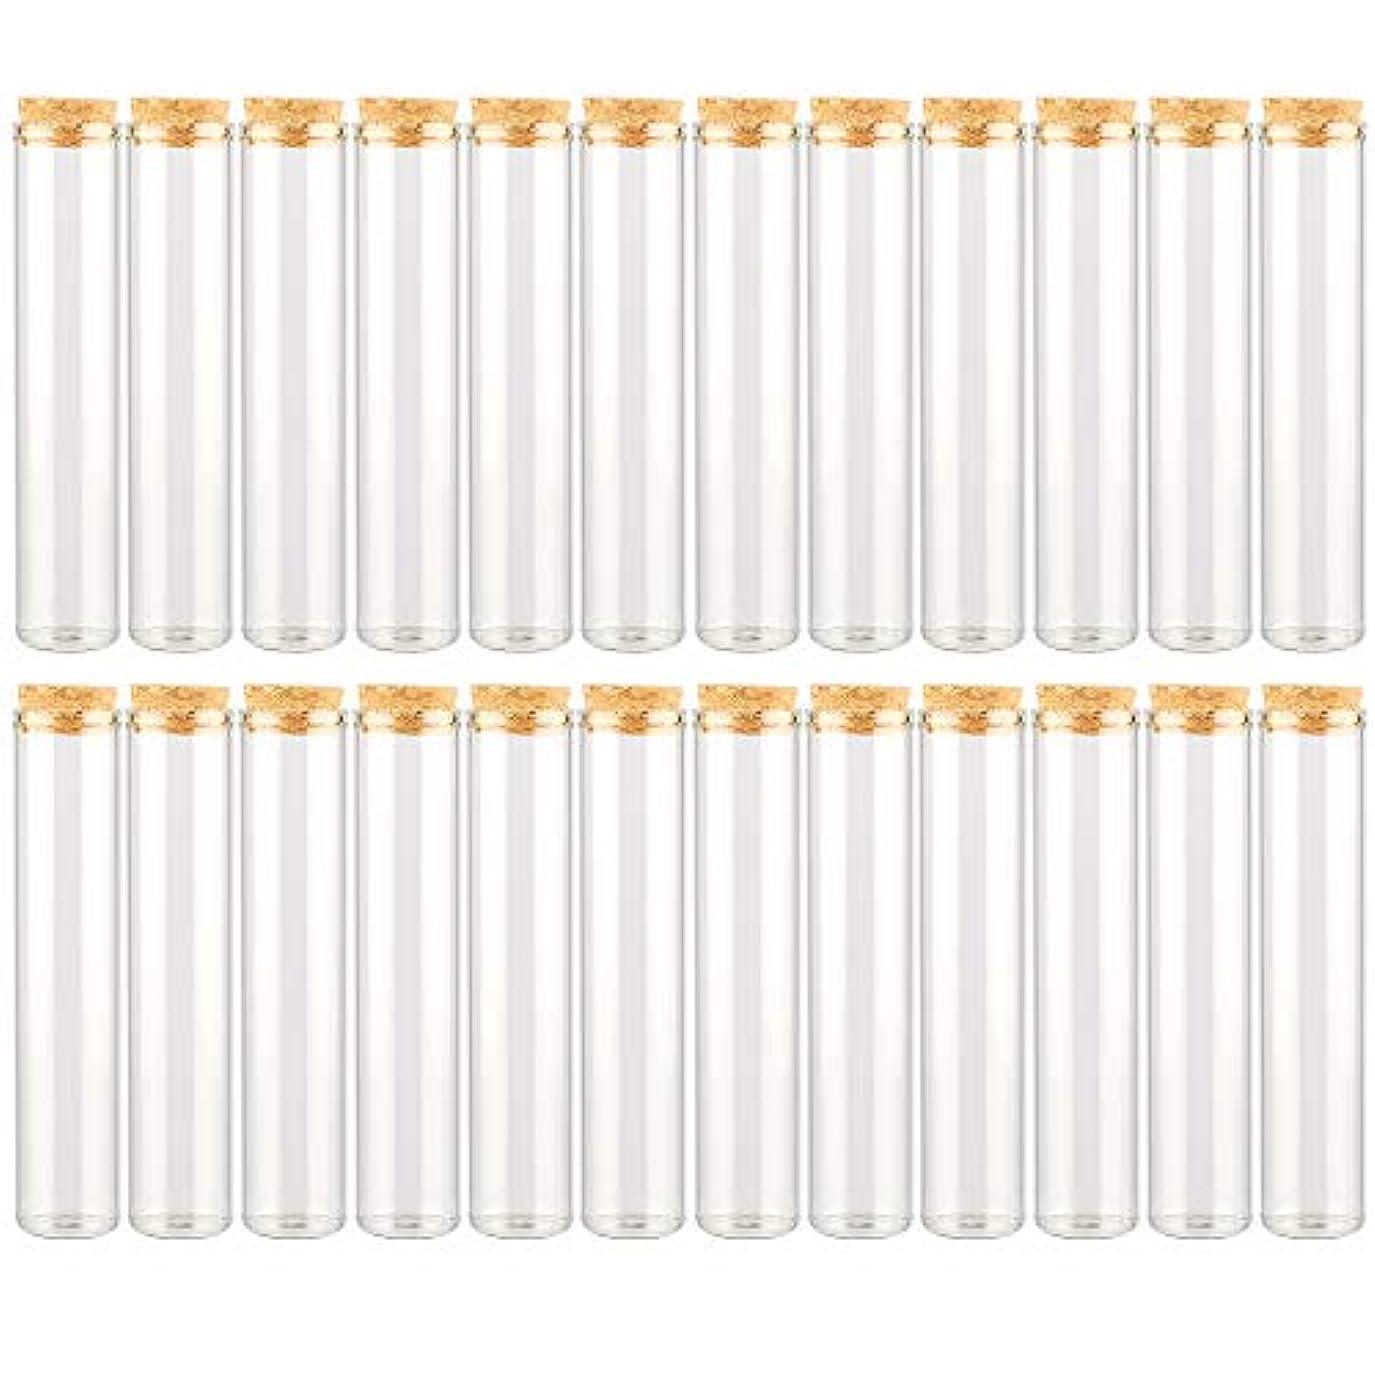 舞い上がる香り着実にEC Labmouse シンプル ガラス瓶 コルク栓 24本セット 30ml 透明 ガラス製 アロマオイル 香水 花材 ビーズ 調味料 試験管 (30ml 24本)